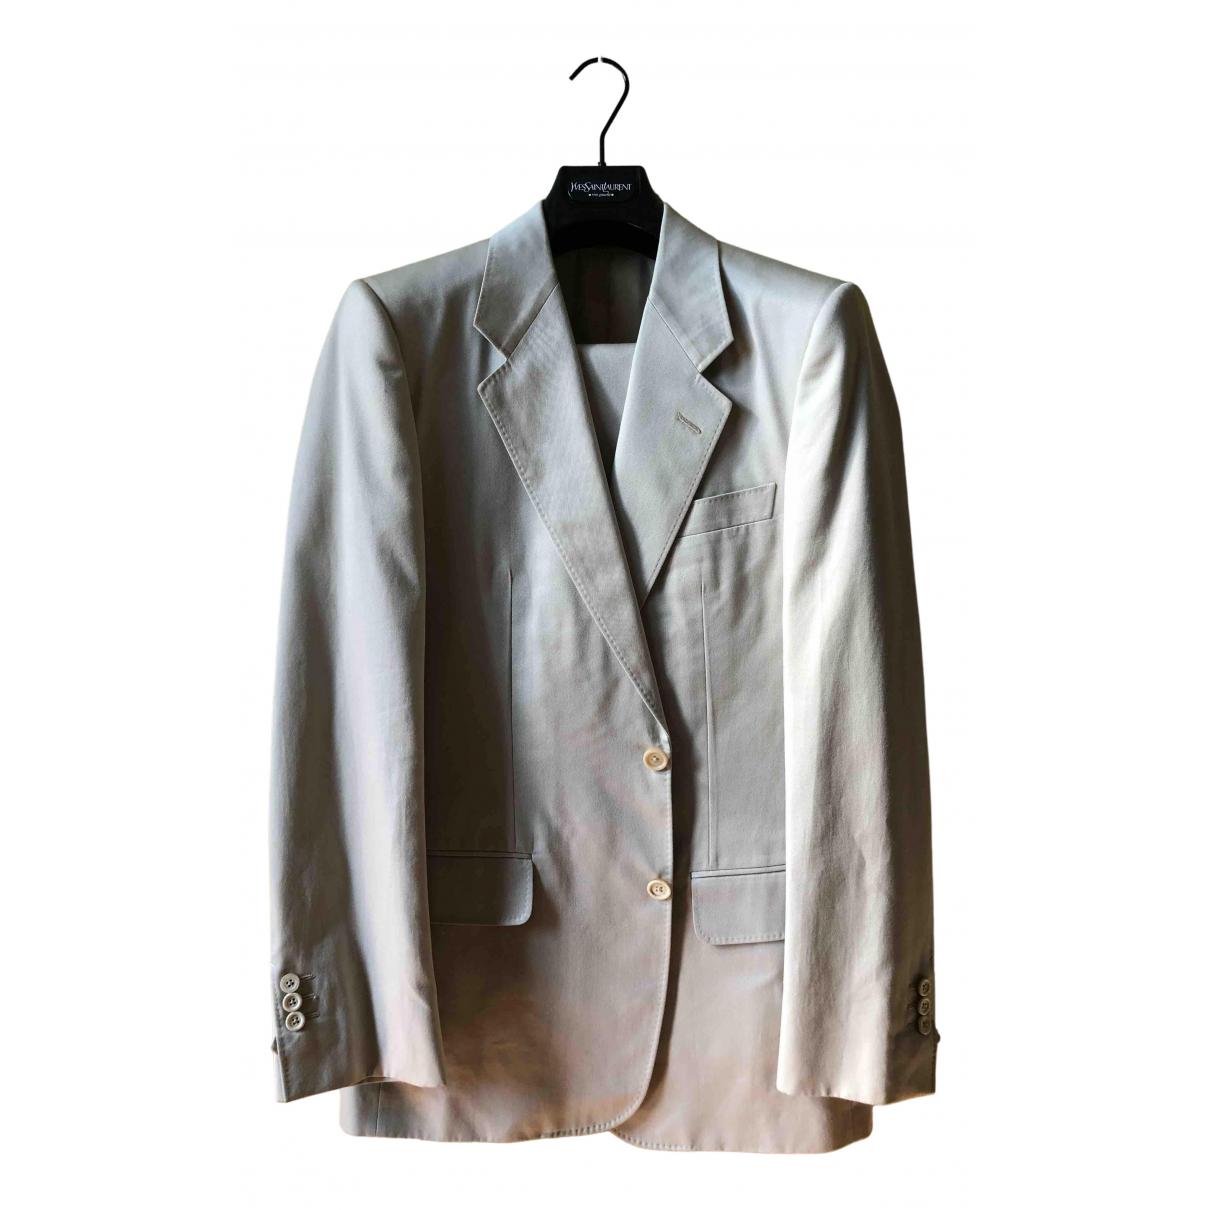 Yves Saint Laurent \N Anzuege in  Beige Baumwolle